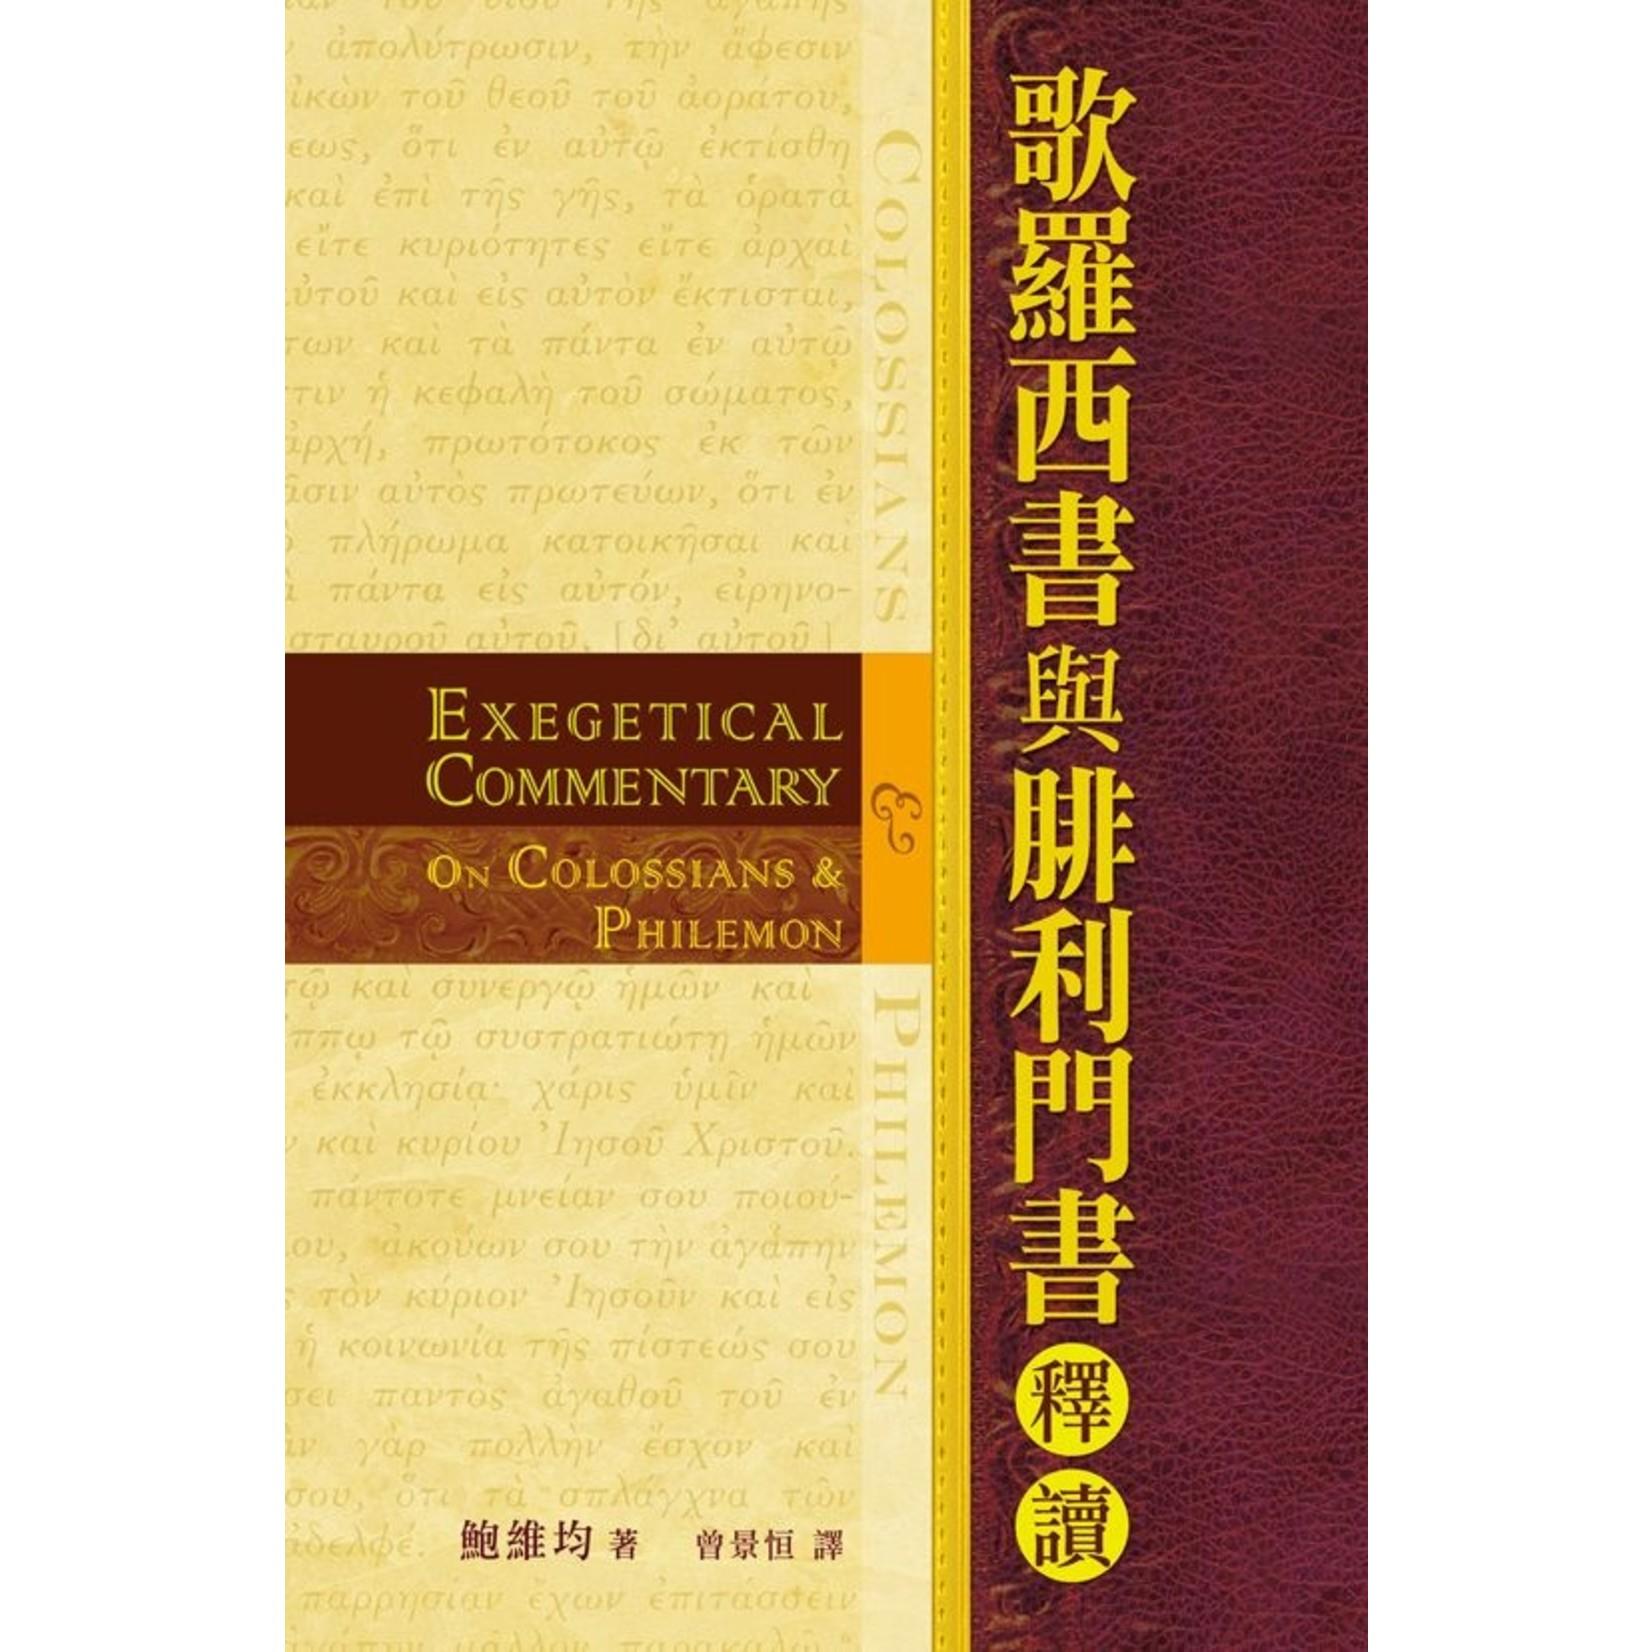 天道書樓 Tien Dao Publishing House 歌羅西書與腓利門書釋讀 Exegetical Commentary on Colossians and Philemon